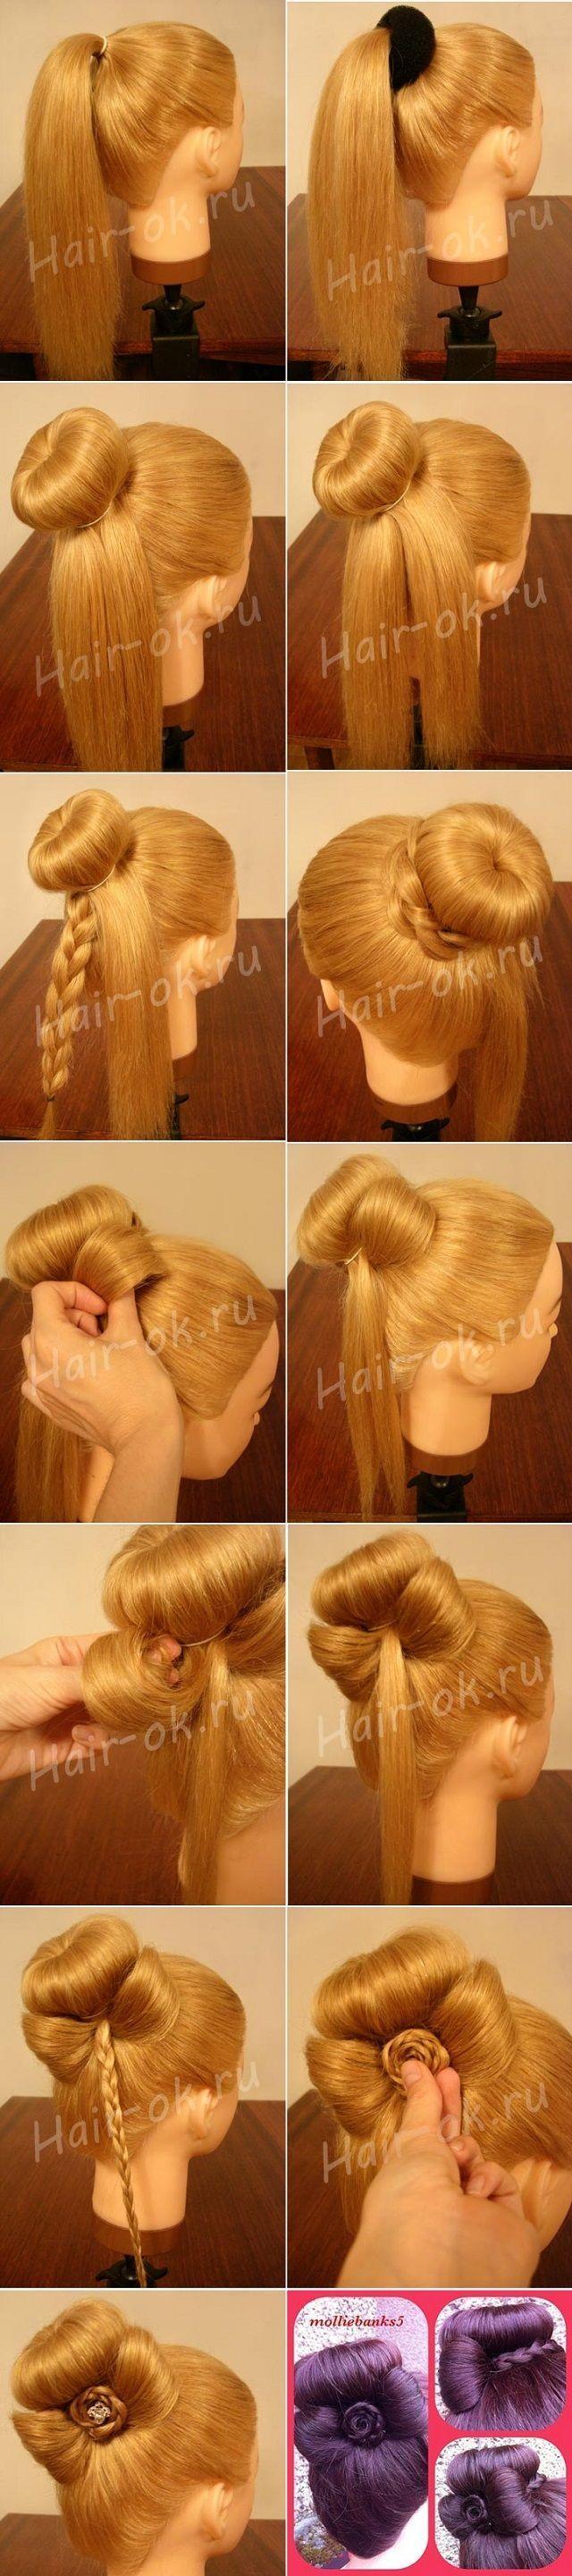 25+> Peinados largos para niñas: instrucciones paso a paso y tendencias con imágenes (6)